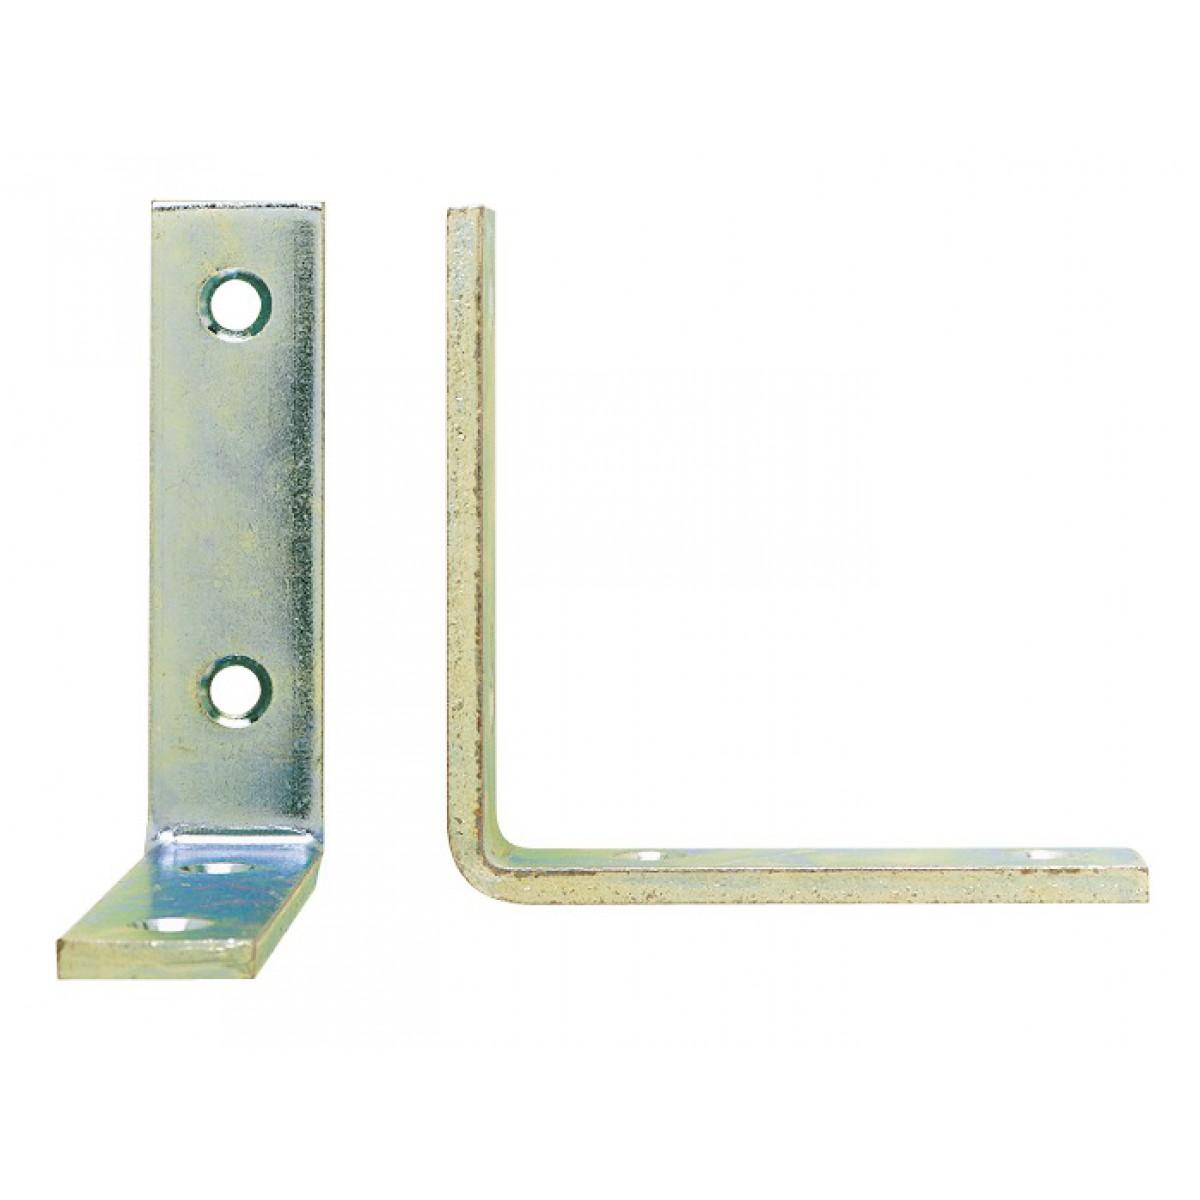 Equerre de renfort bouts carrés Jardinier Massard - Longueur Patte 160 mm - Largeur 18 mm